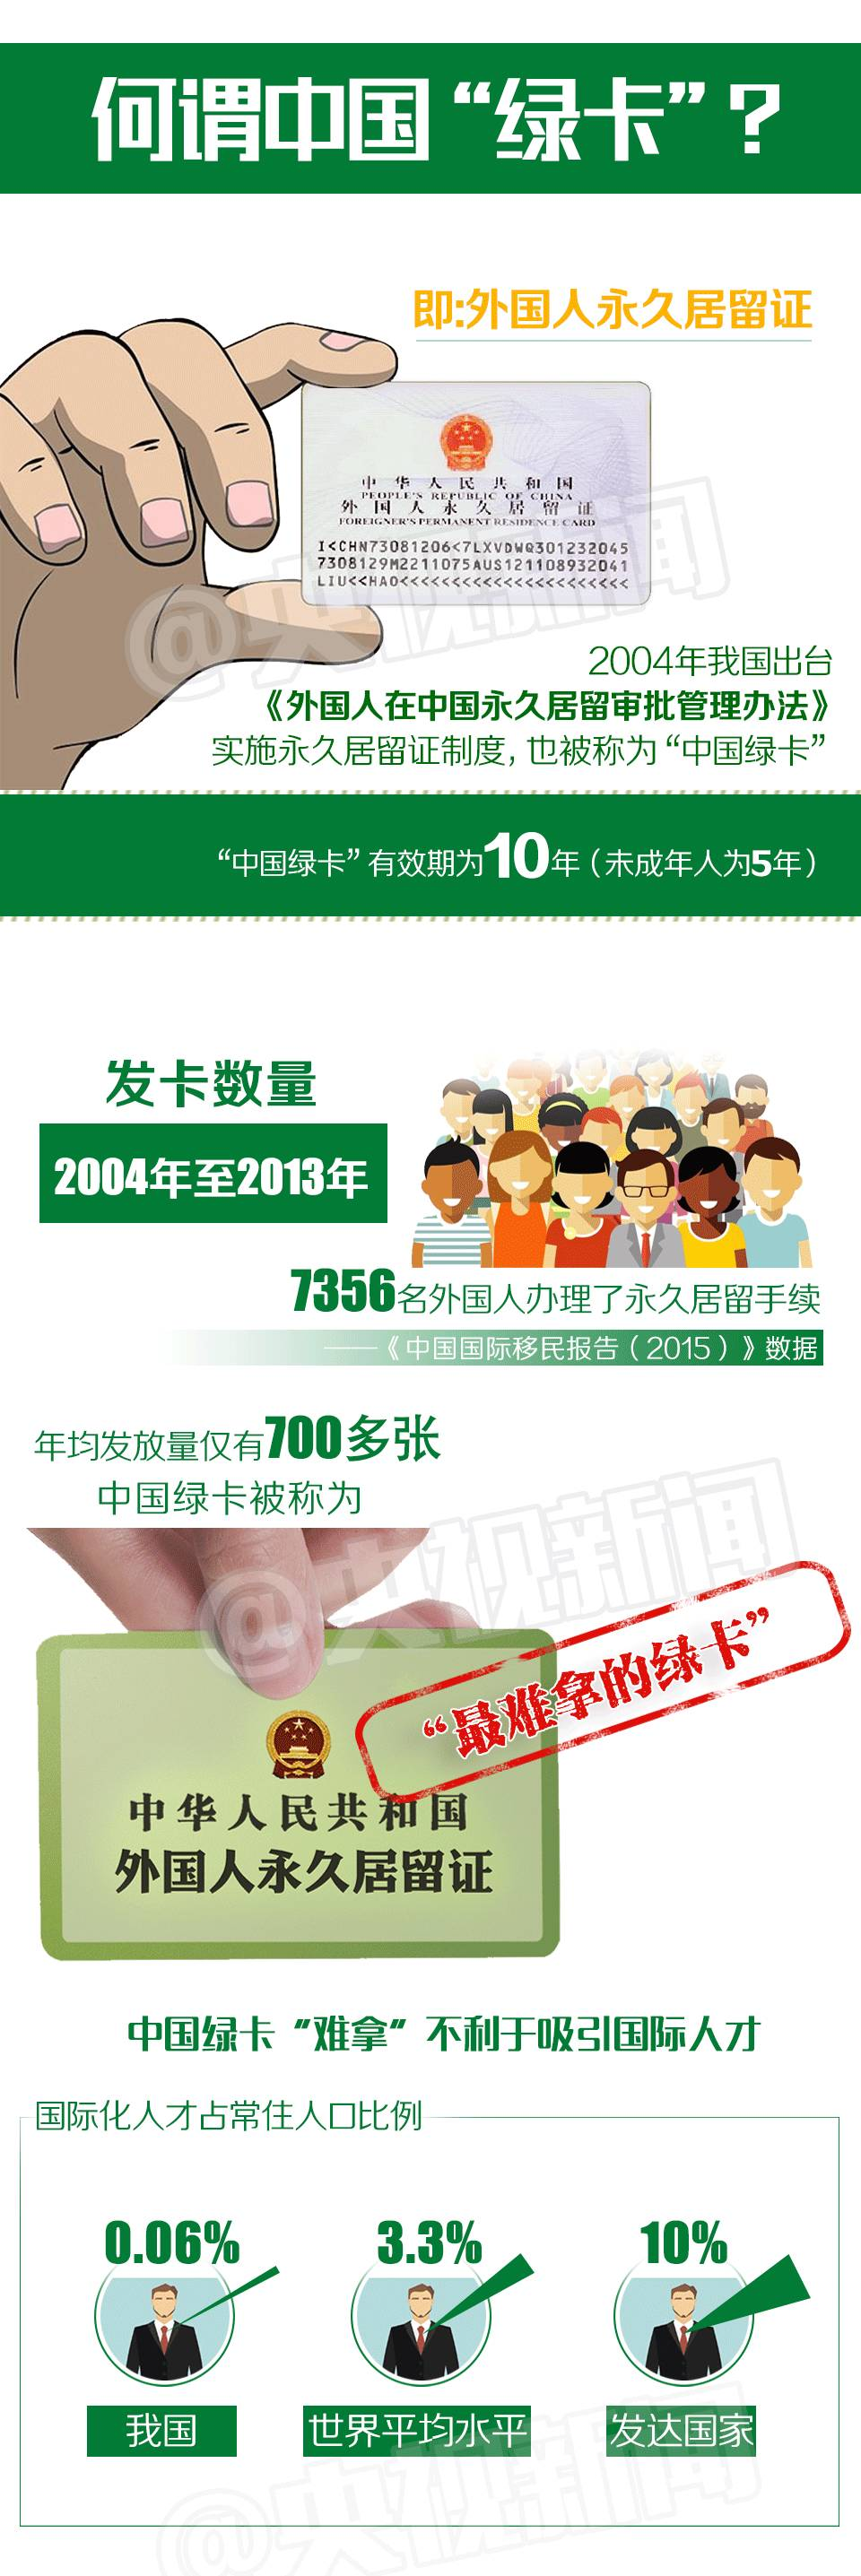 """揭秘最难拿的中国""""绿卡"""":新版含金量大增"""